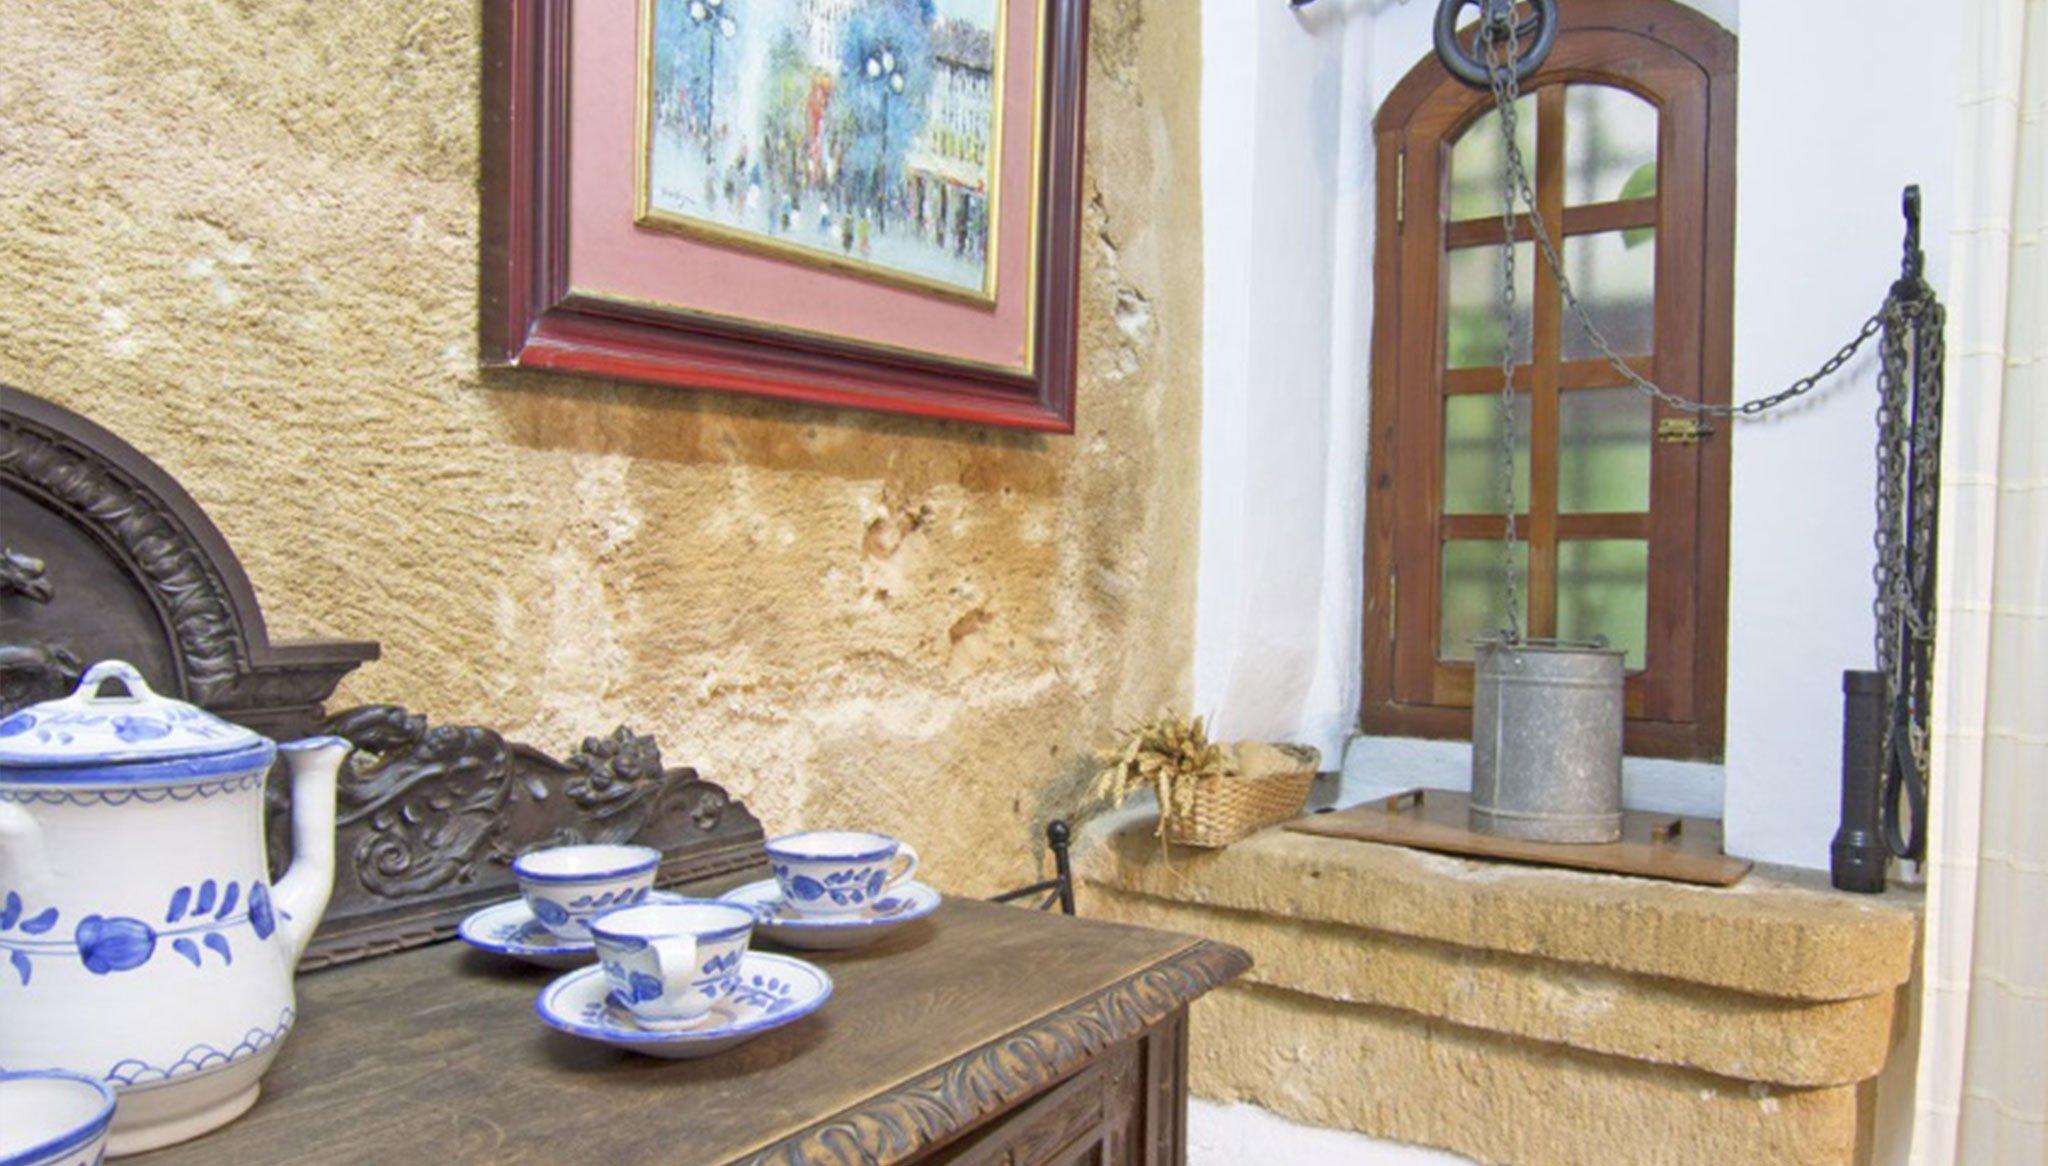 Detall de la decoració en una casa de poble al centre de Xàbia - MORAGUESPONS Mediterranean Houses